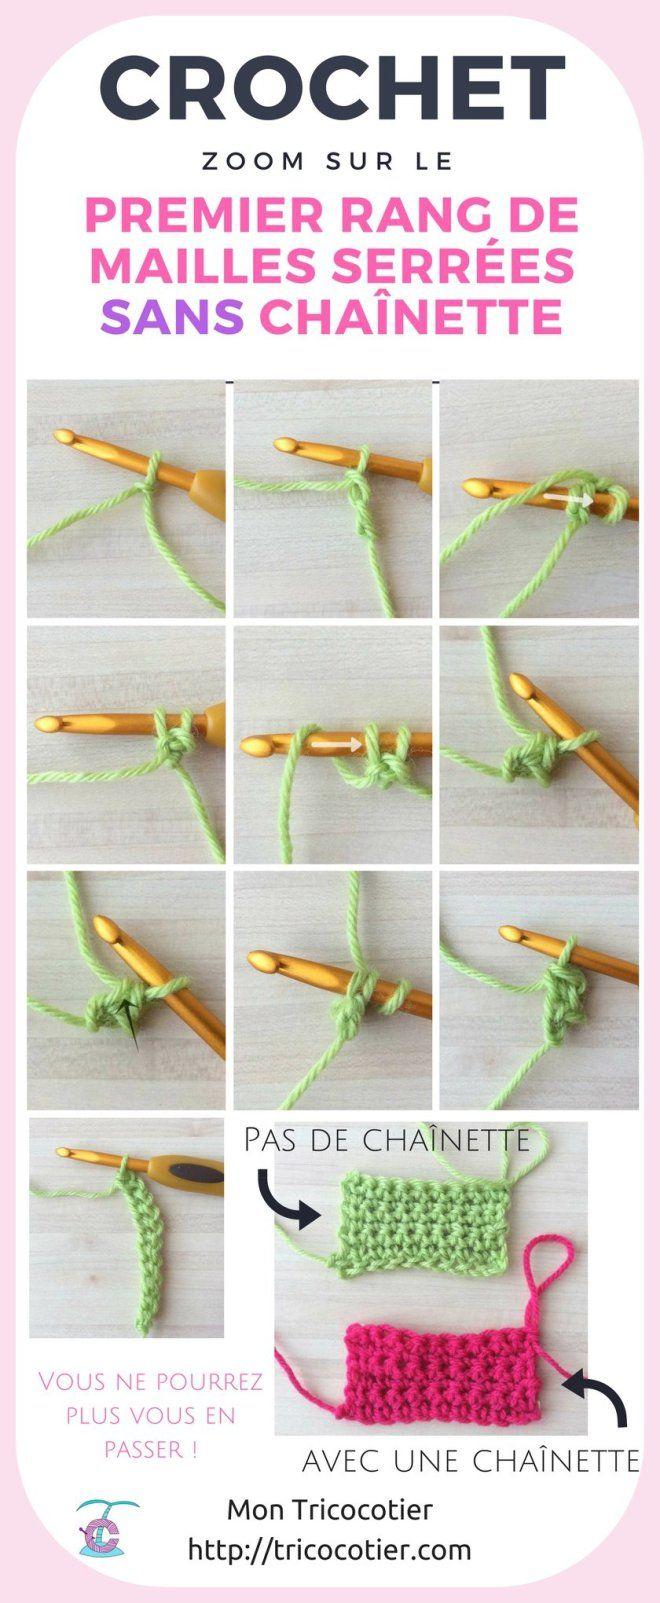 Marre de la chaînette 8 Cette méthode est pour vous ! Gros plan sur le premier rang de mailles serrées sans chaînette - Mon Tricocotier Technique crochet pour débutant sur tricocotier.com Infographie tuto en photos